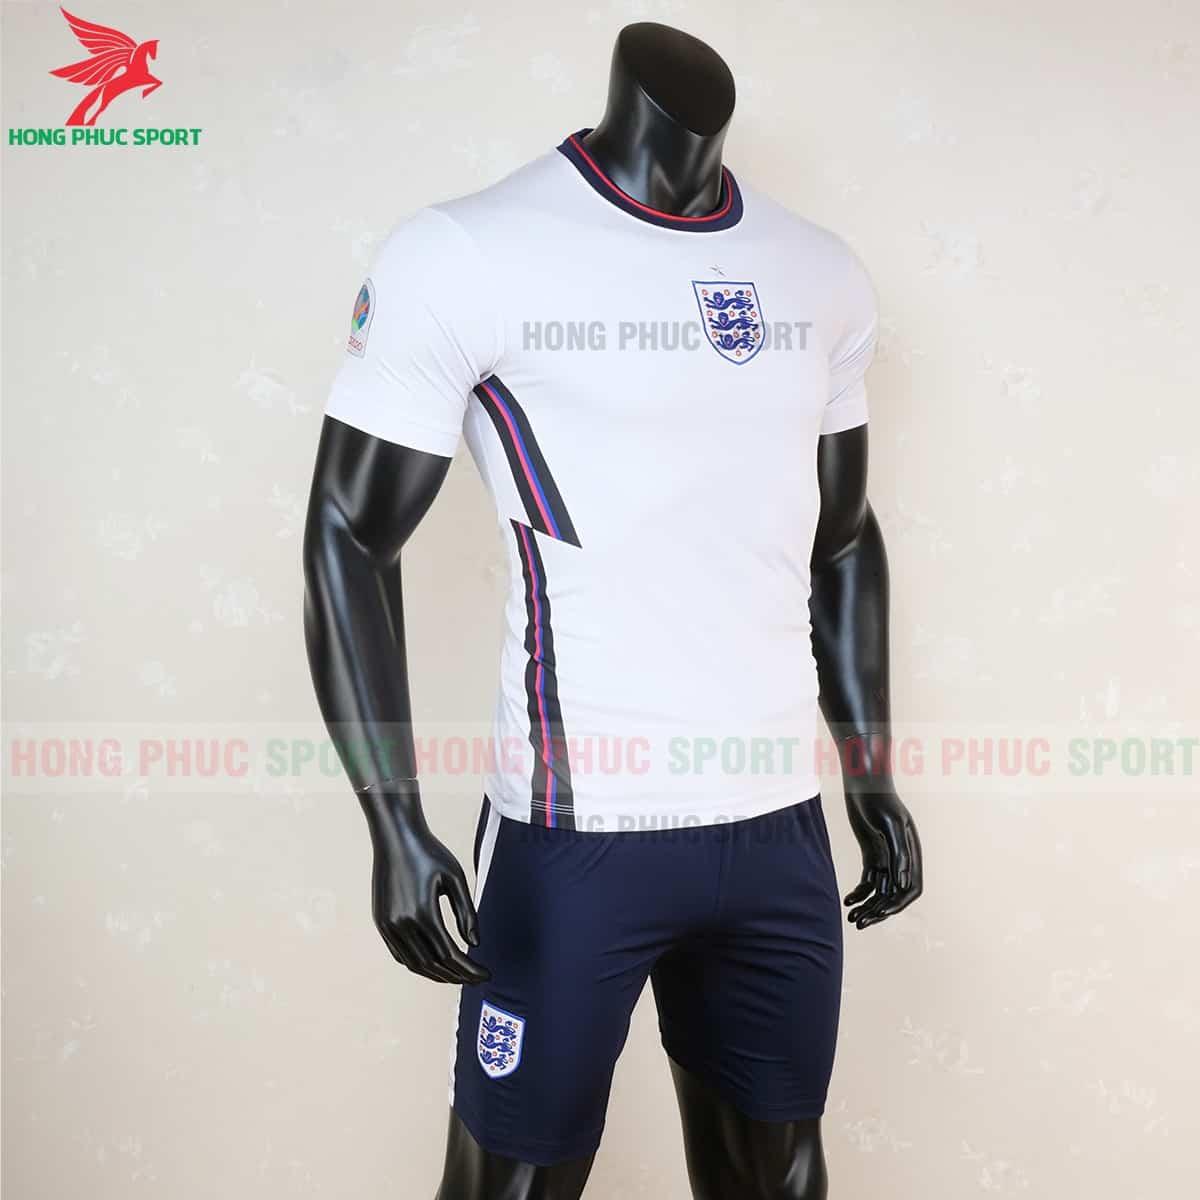 Áo đội tuyển Anh sân nhà Euro 2021 có màu trắng và quần xanh đen